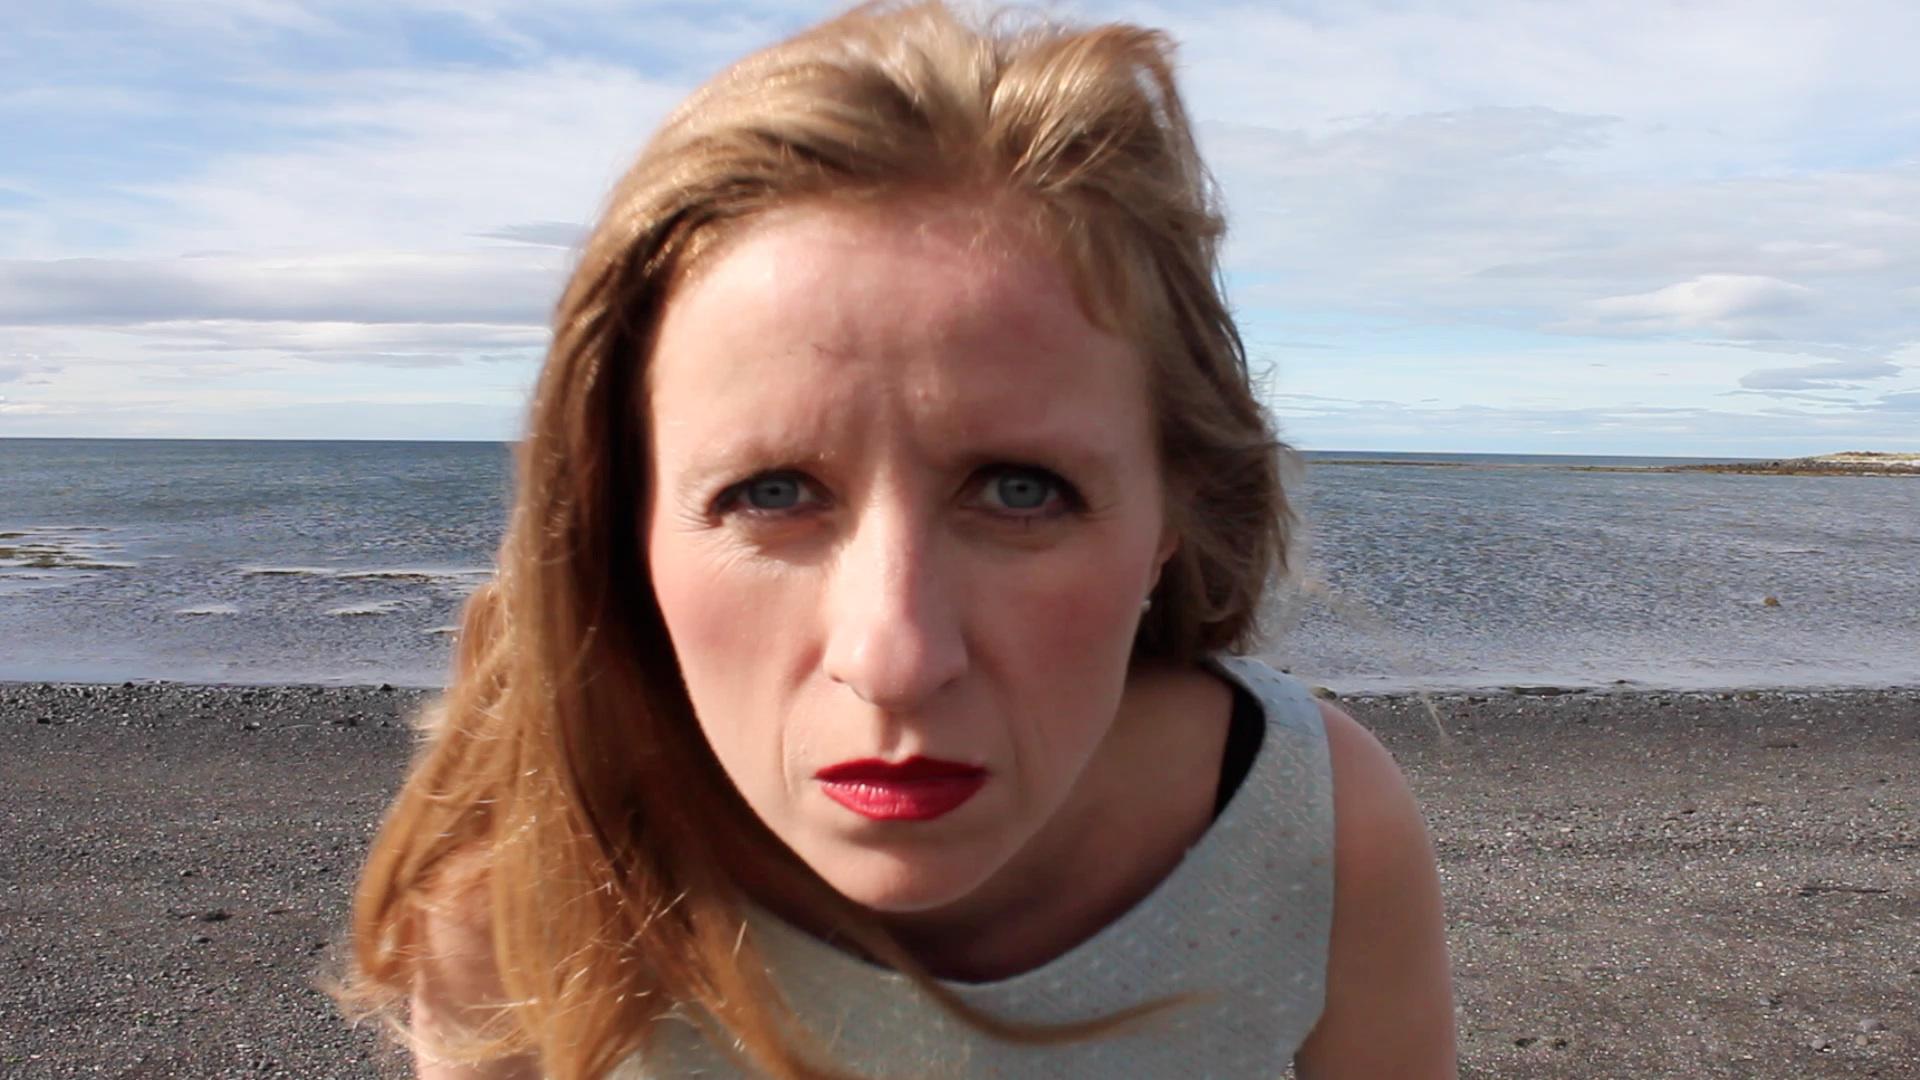 Photo: Berglind Tómasdóttir